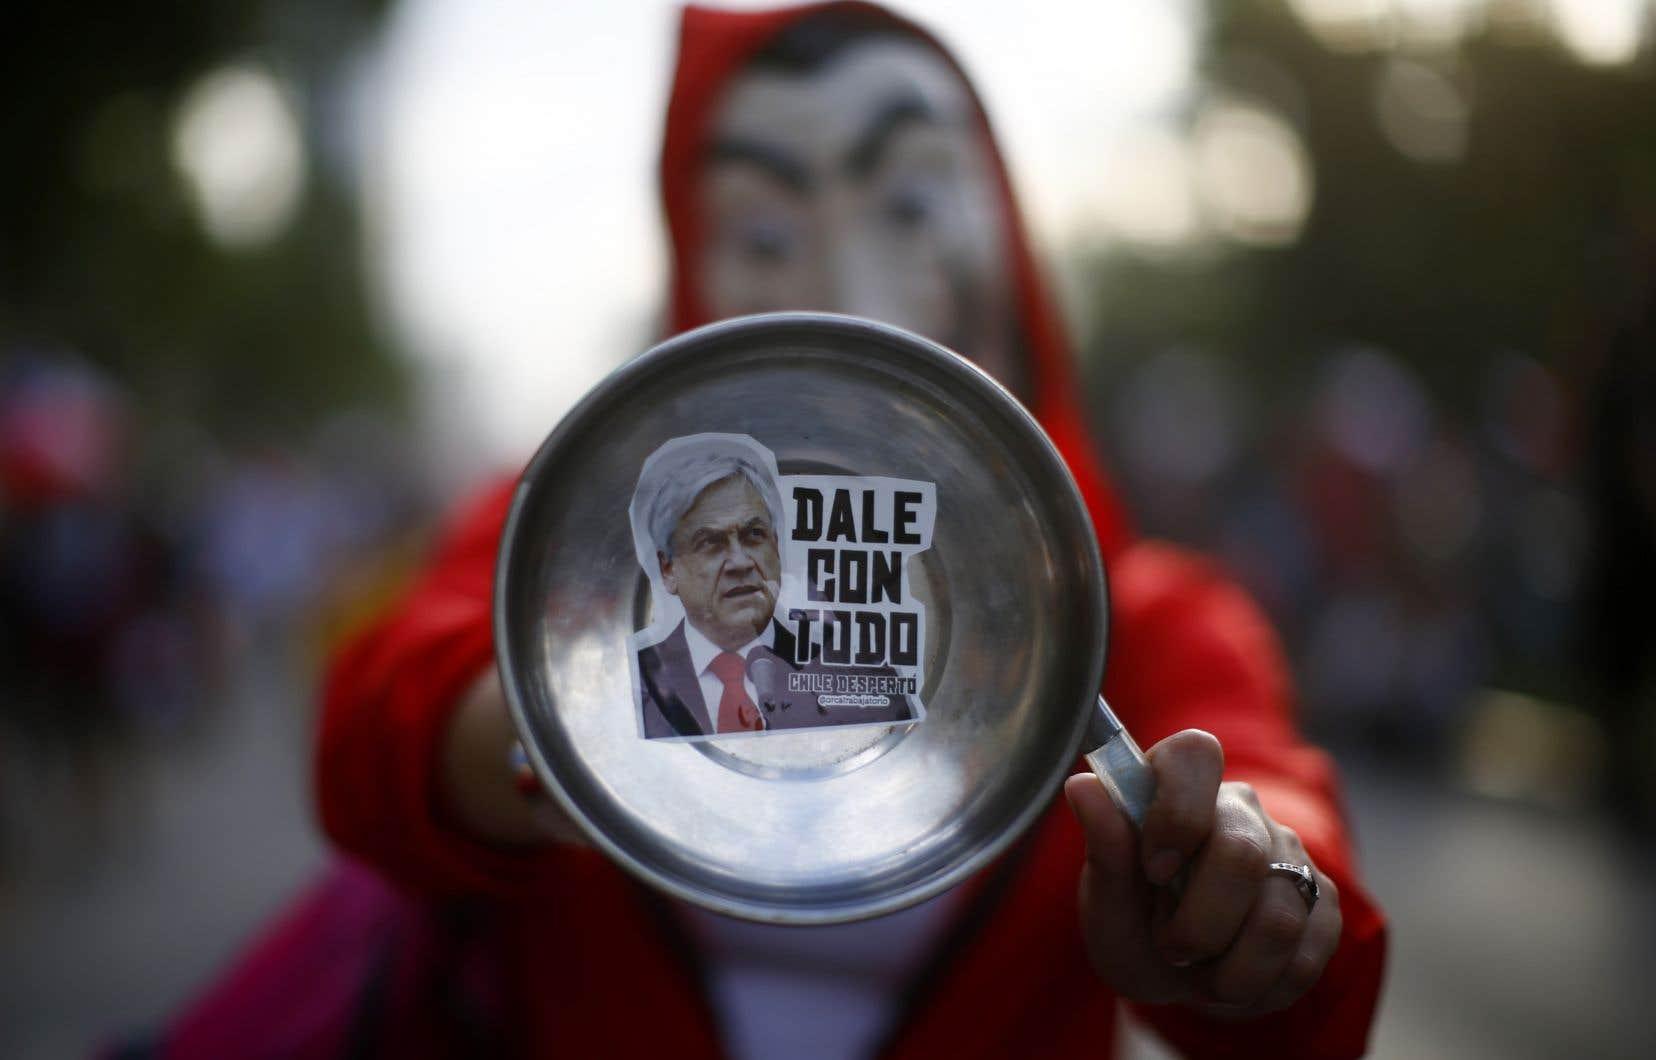 Le Chili est en proie depuis le 18 octobre à une vague de contestation sociale inédite depuis la fin de la dictature d'Augusto Pinochet.